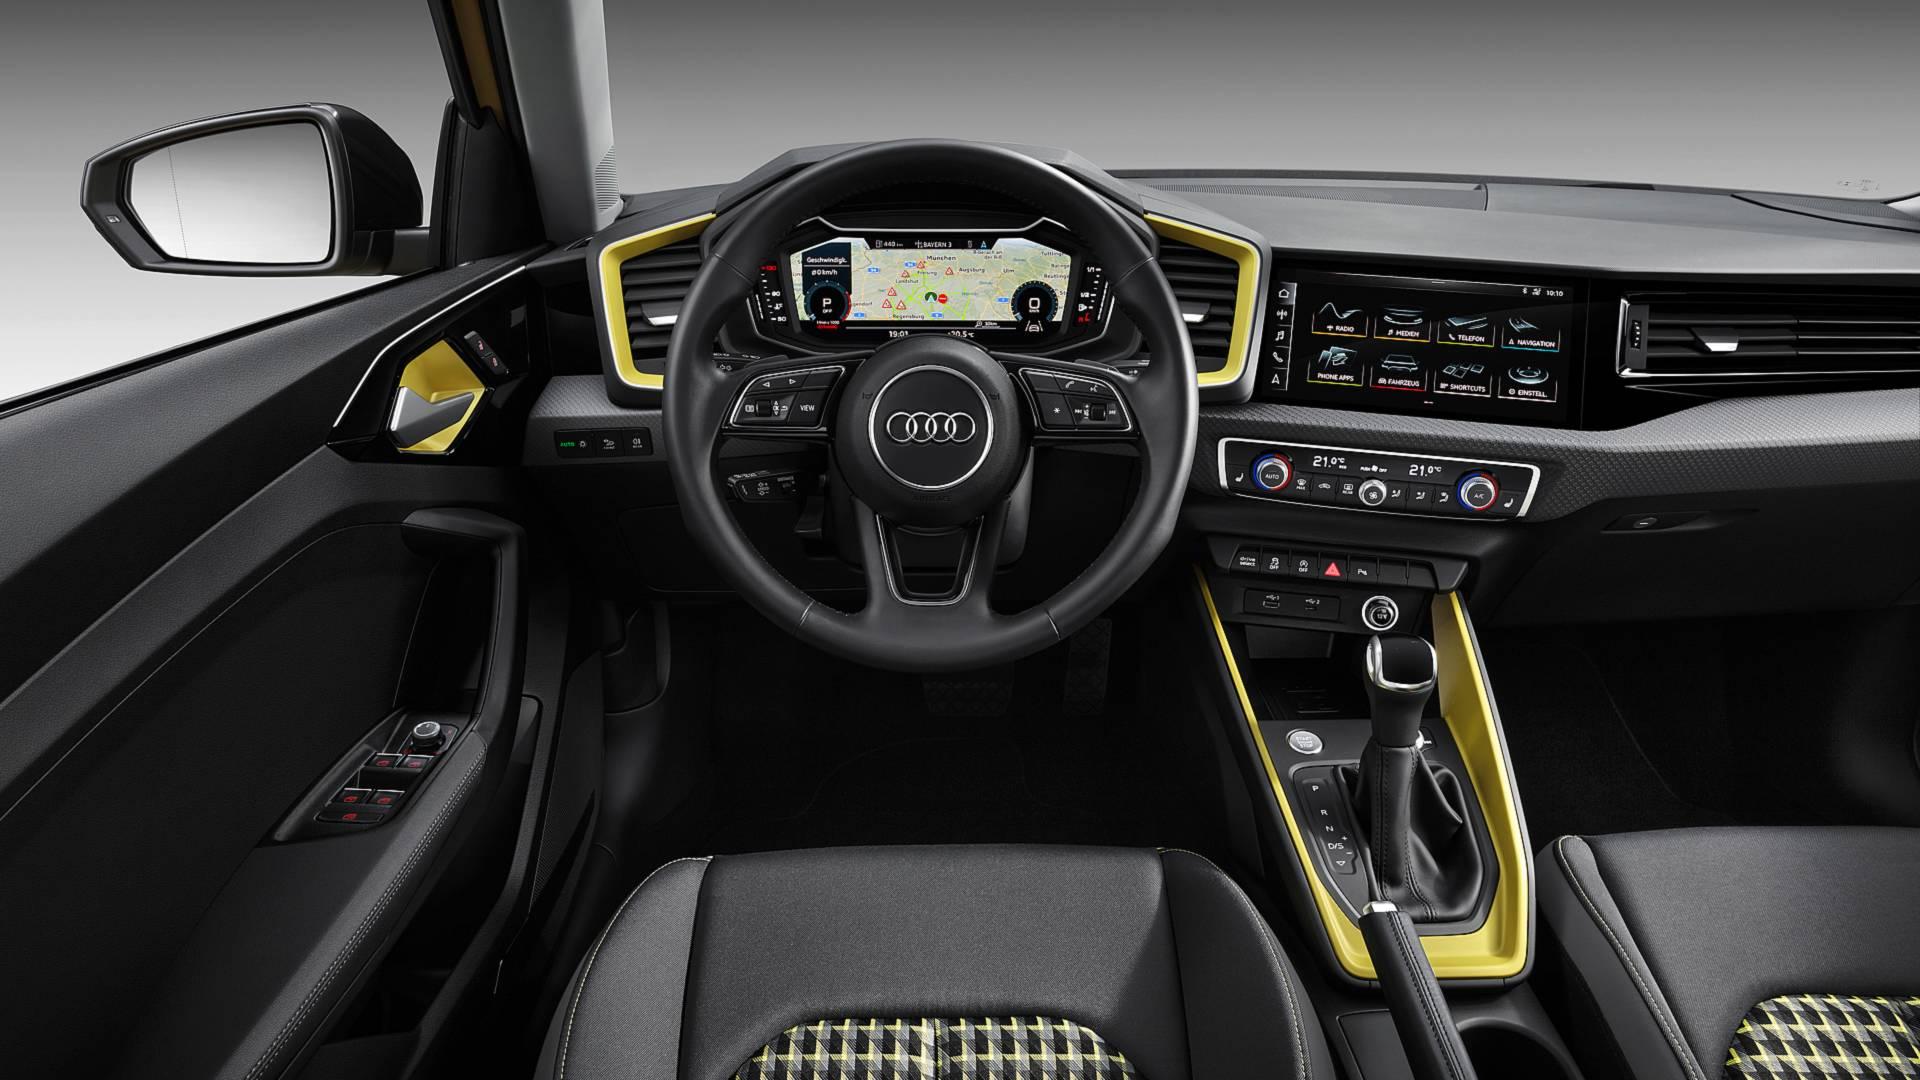 đầu tư giá trị - 2019 audi a1 sportback 8 - Audi A1 Sportback 2019 lộ diện, kiểu dáng cá tính, công suất 200 mã lực